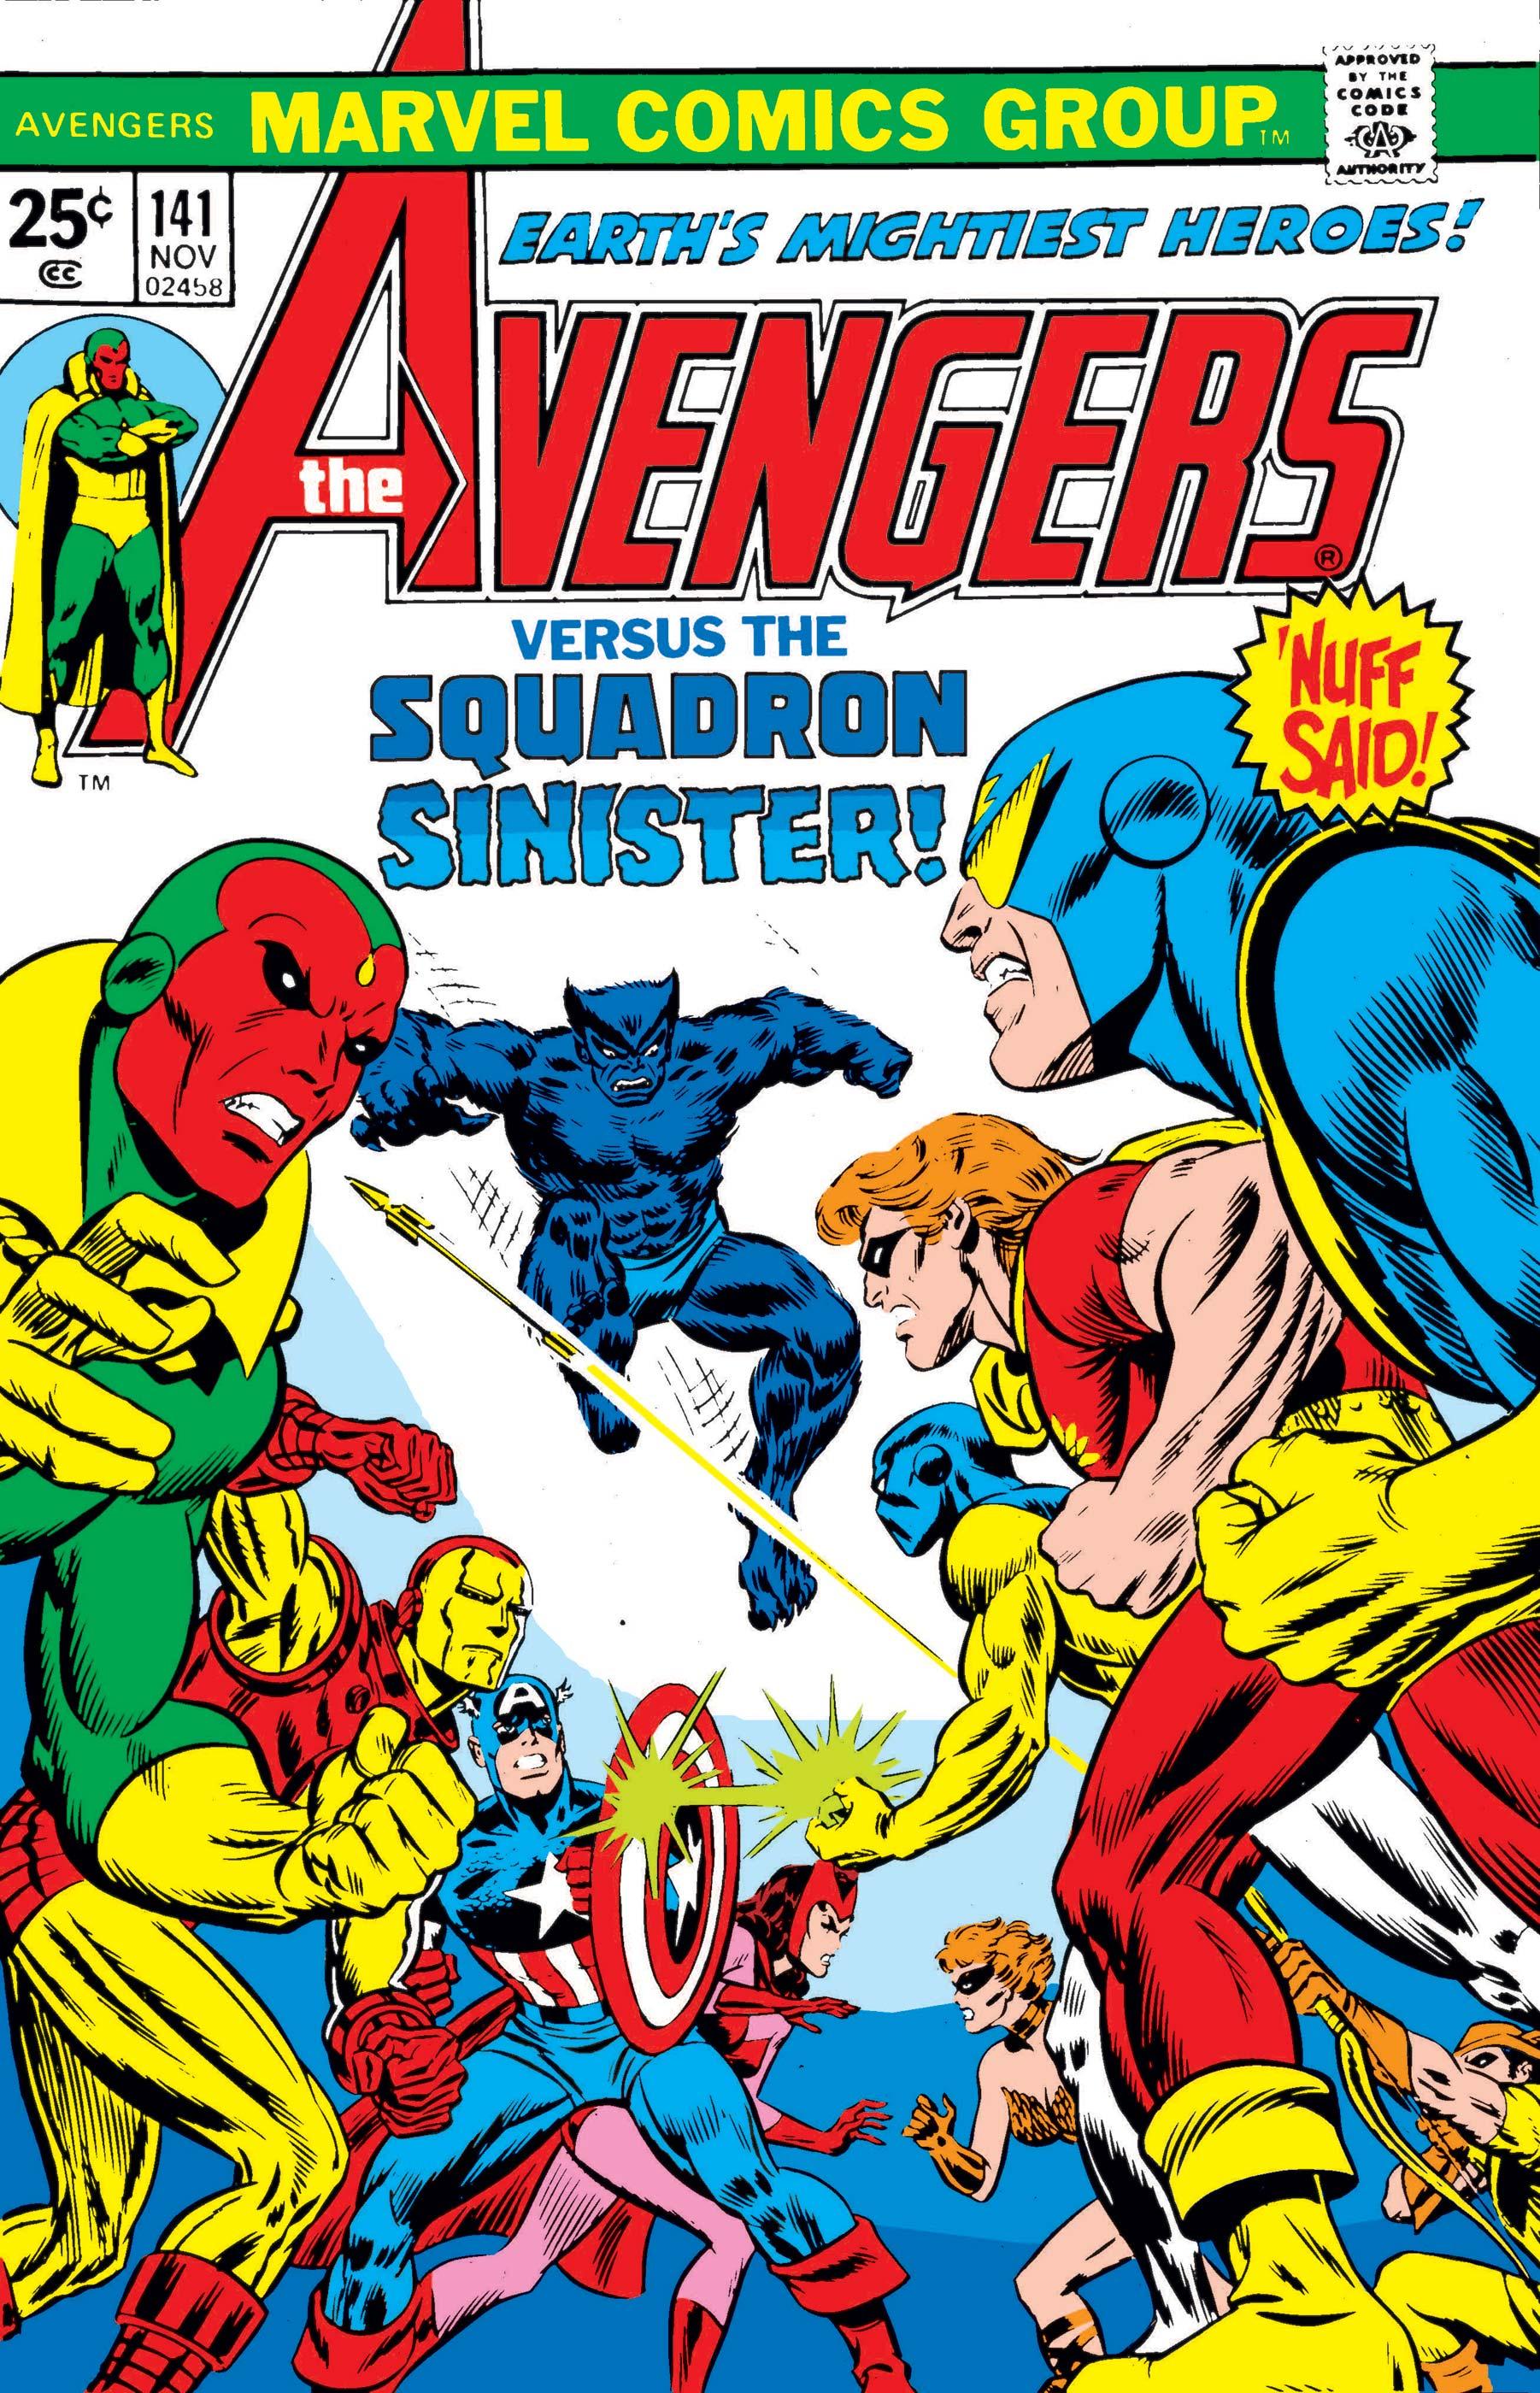 Avengers (1963) #141